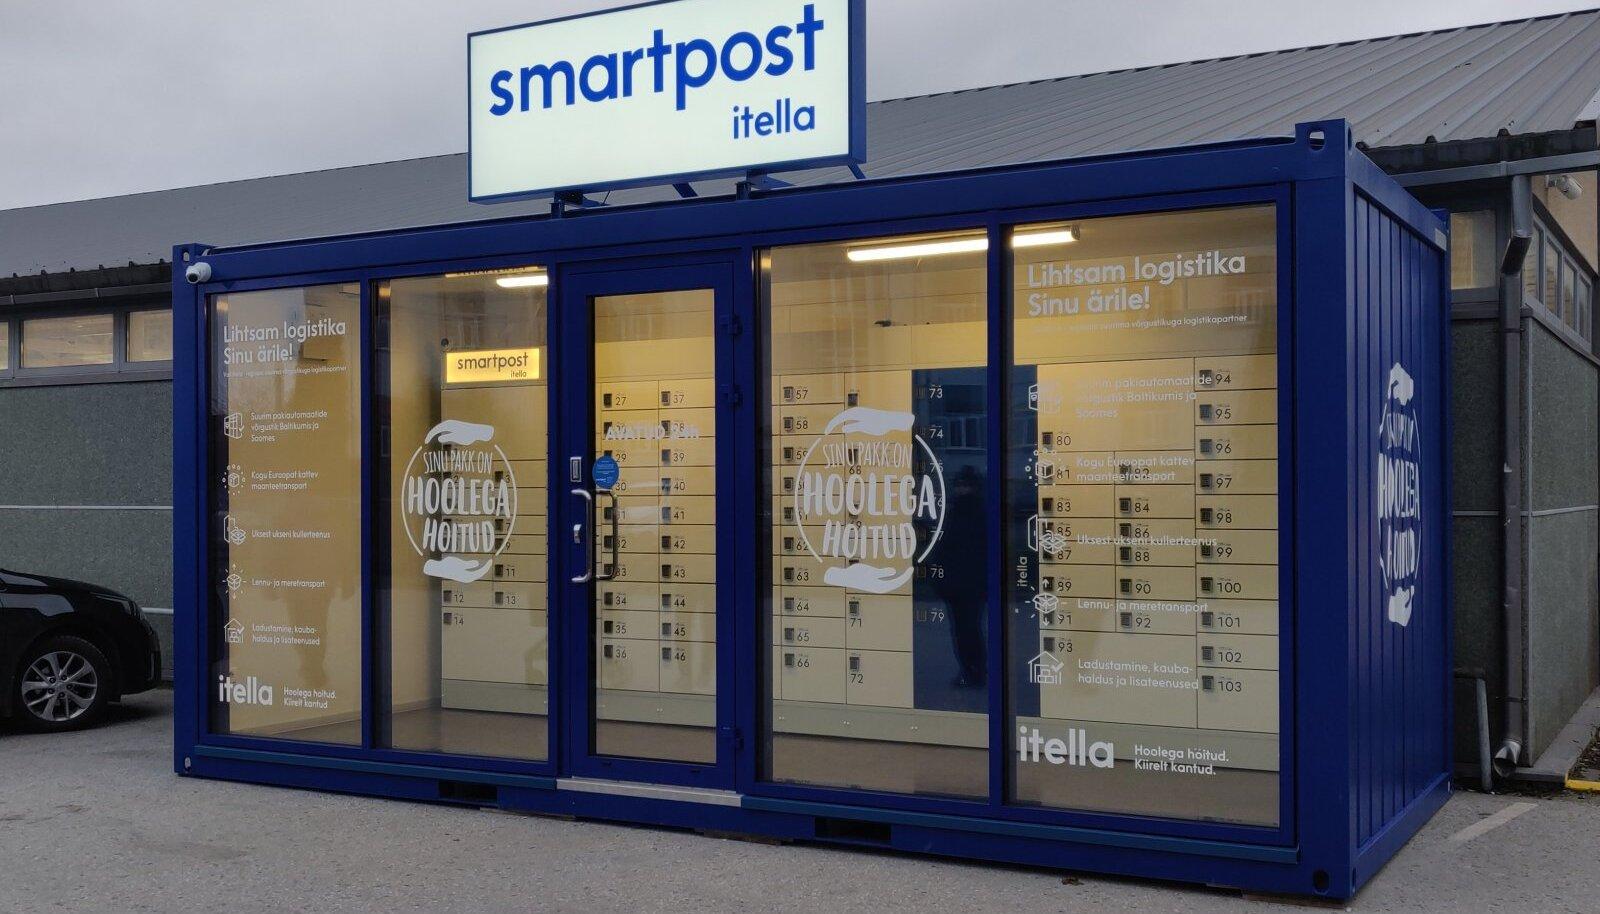 Smartposti uued pakimajad